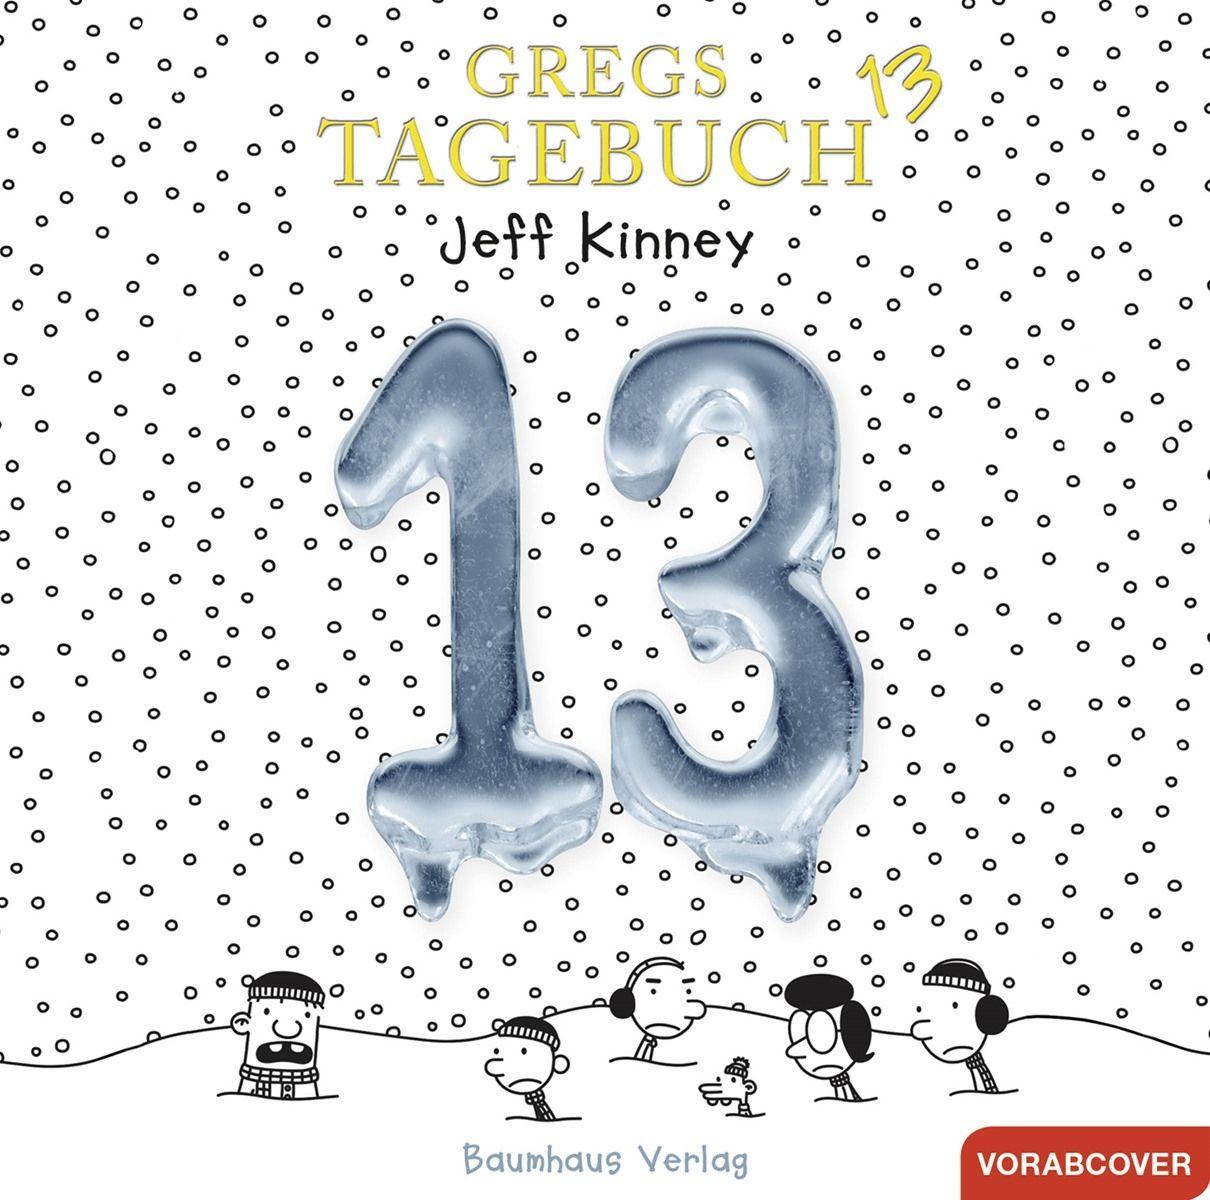 Ultratopbe Hörbuch Jeff Kinney Gregs Tagebuch 13